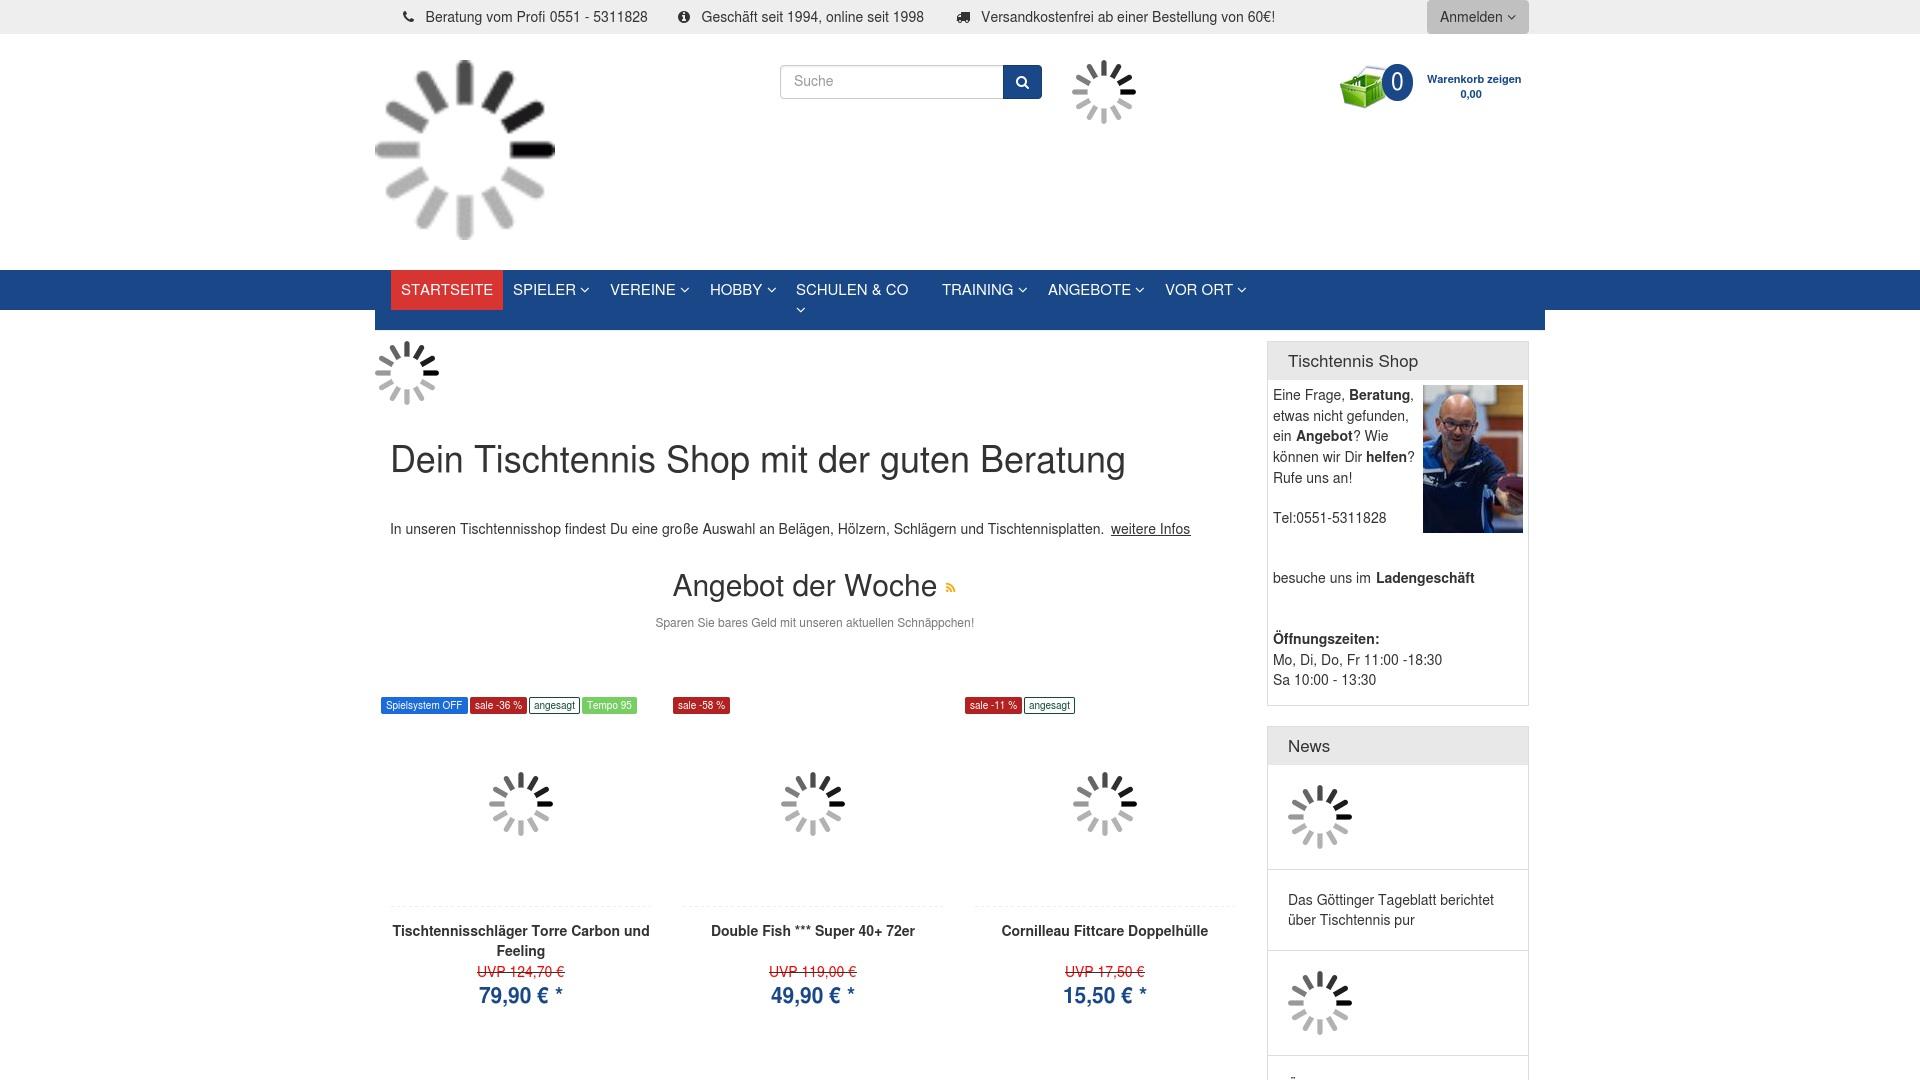 Gutschein für Tischtennis: Rabatte für  Tischtennis sichern